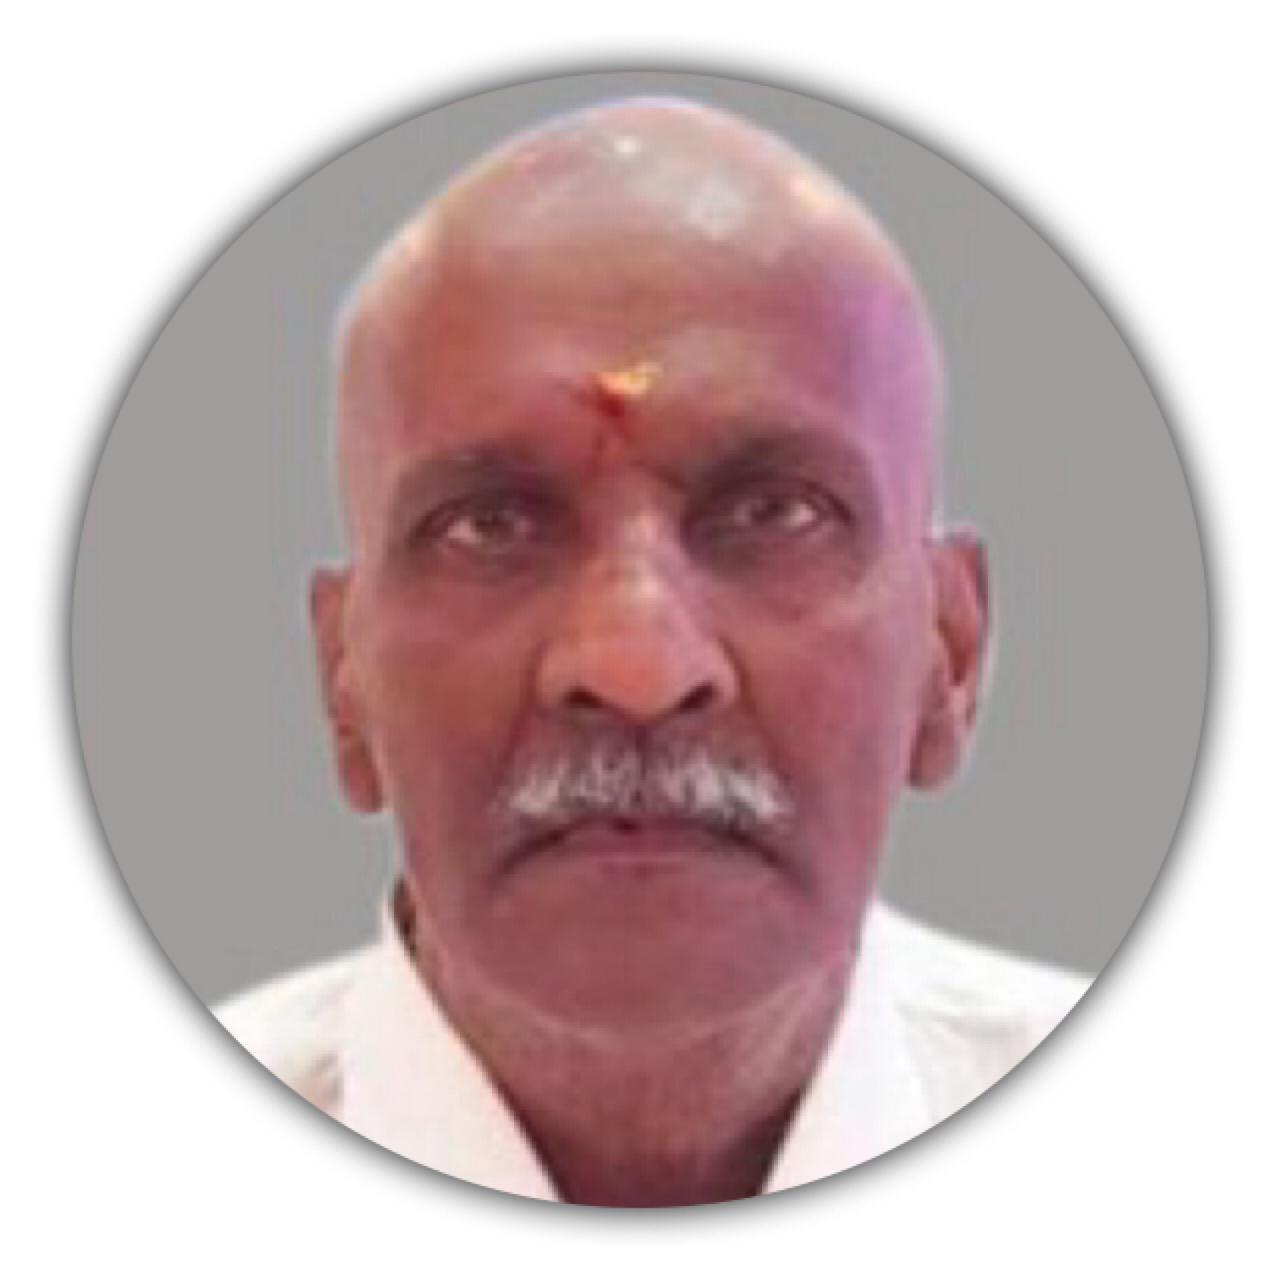 அமரர். தம்பிப்பிள்ளை நாகேஸ்வரன்